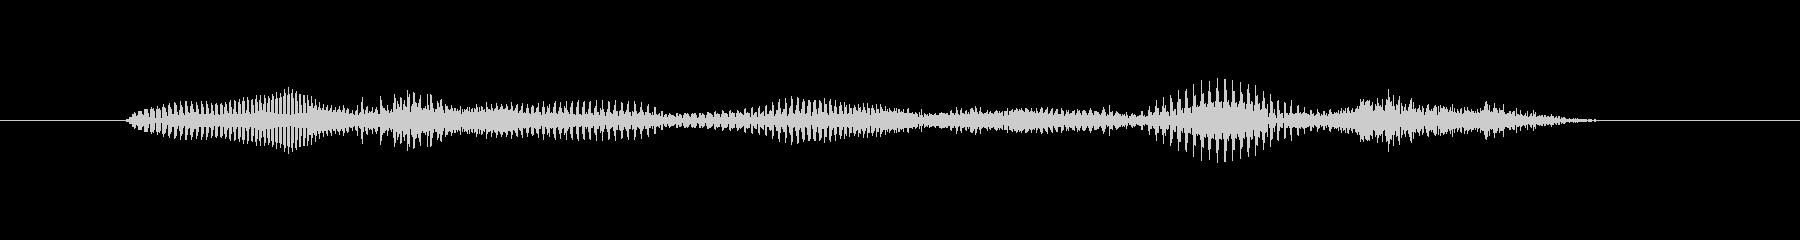 【時報・時間】22時ですの未再生の波形